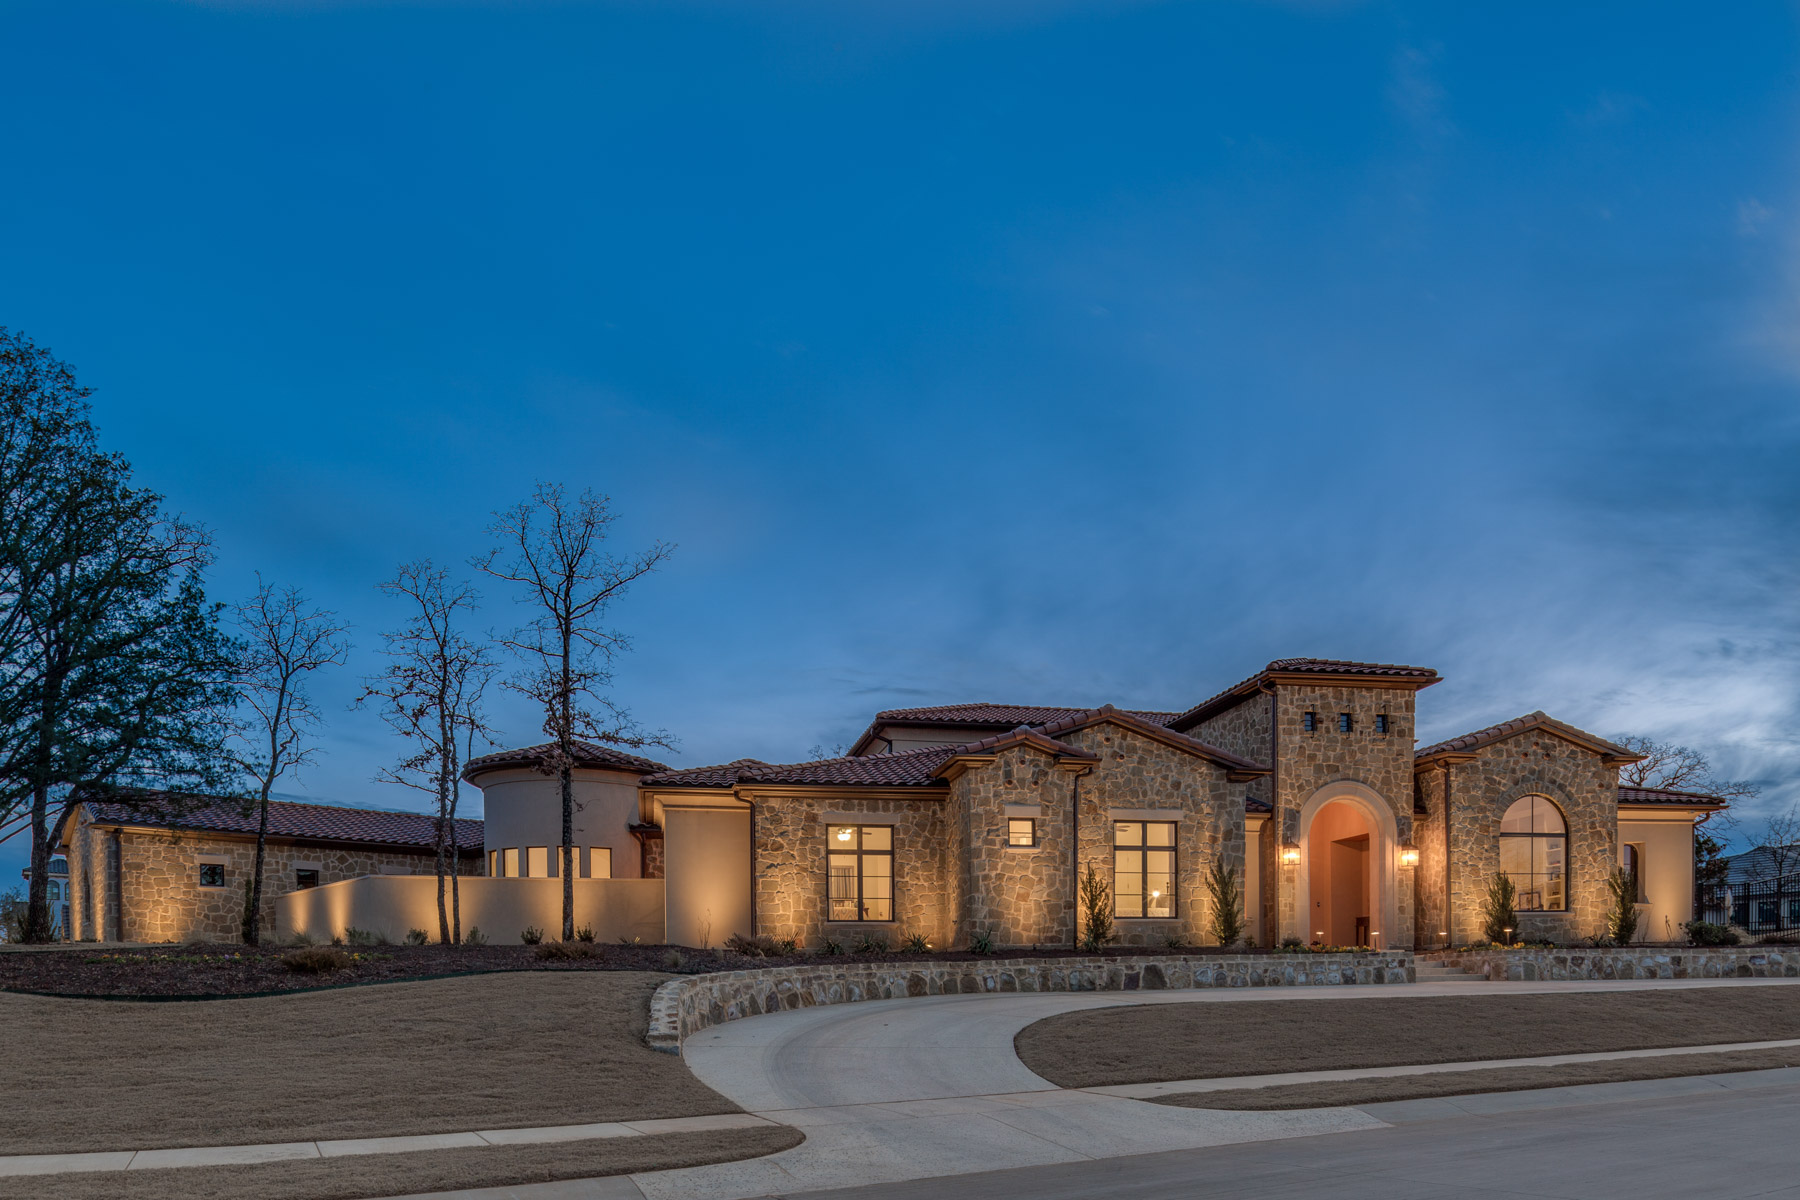 独户住宅 为 销售 在 One Story Custom Home in the Granada Community 2029 Valencia Cv 韦斯特莱克, 得克萨斯州, 76262 美国